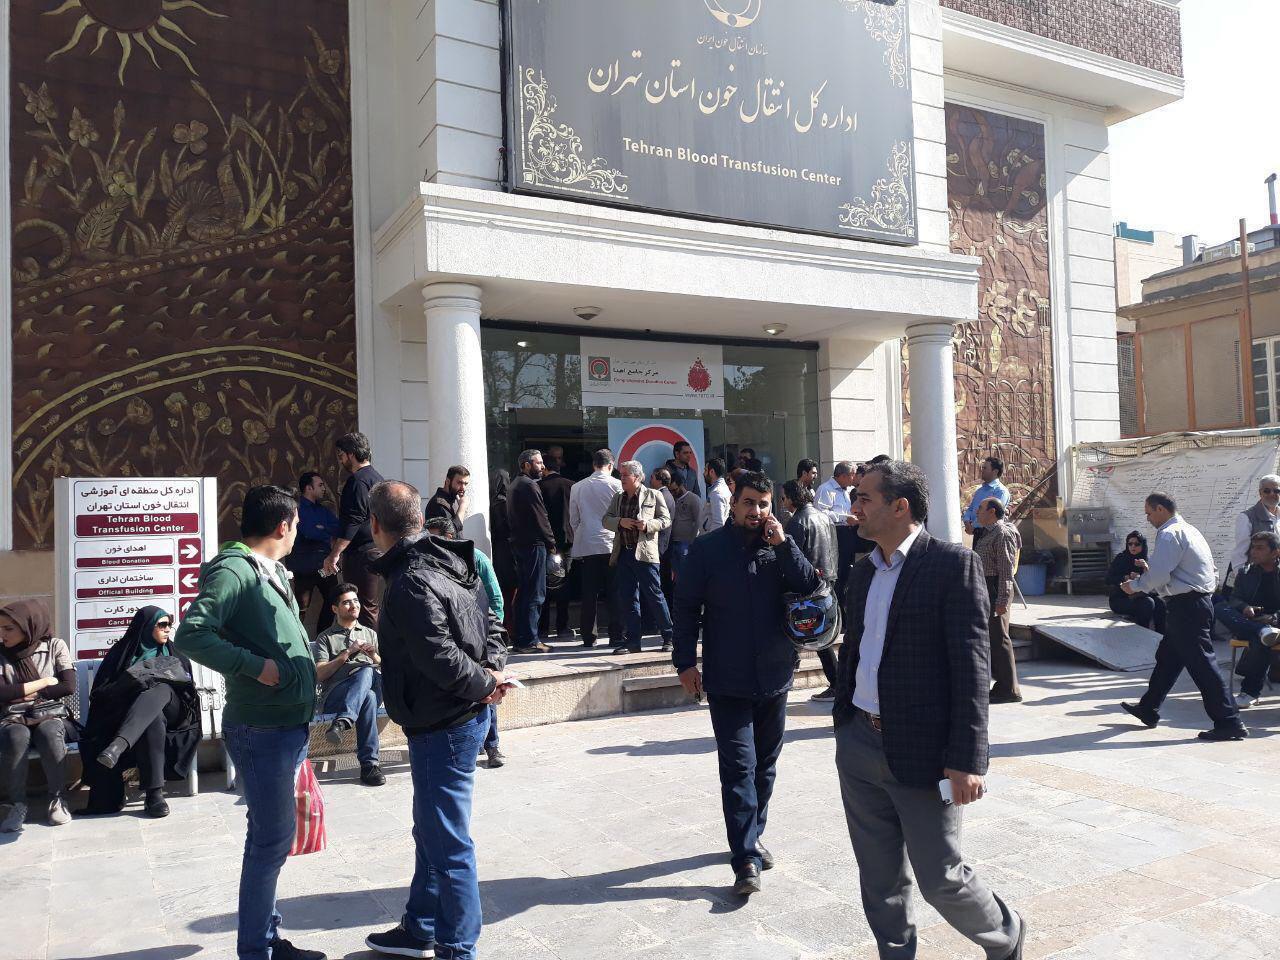 تجمع مردم برای اهدای خون به زلزله زدگان